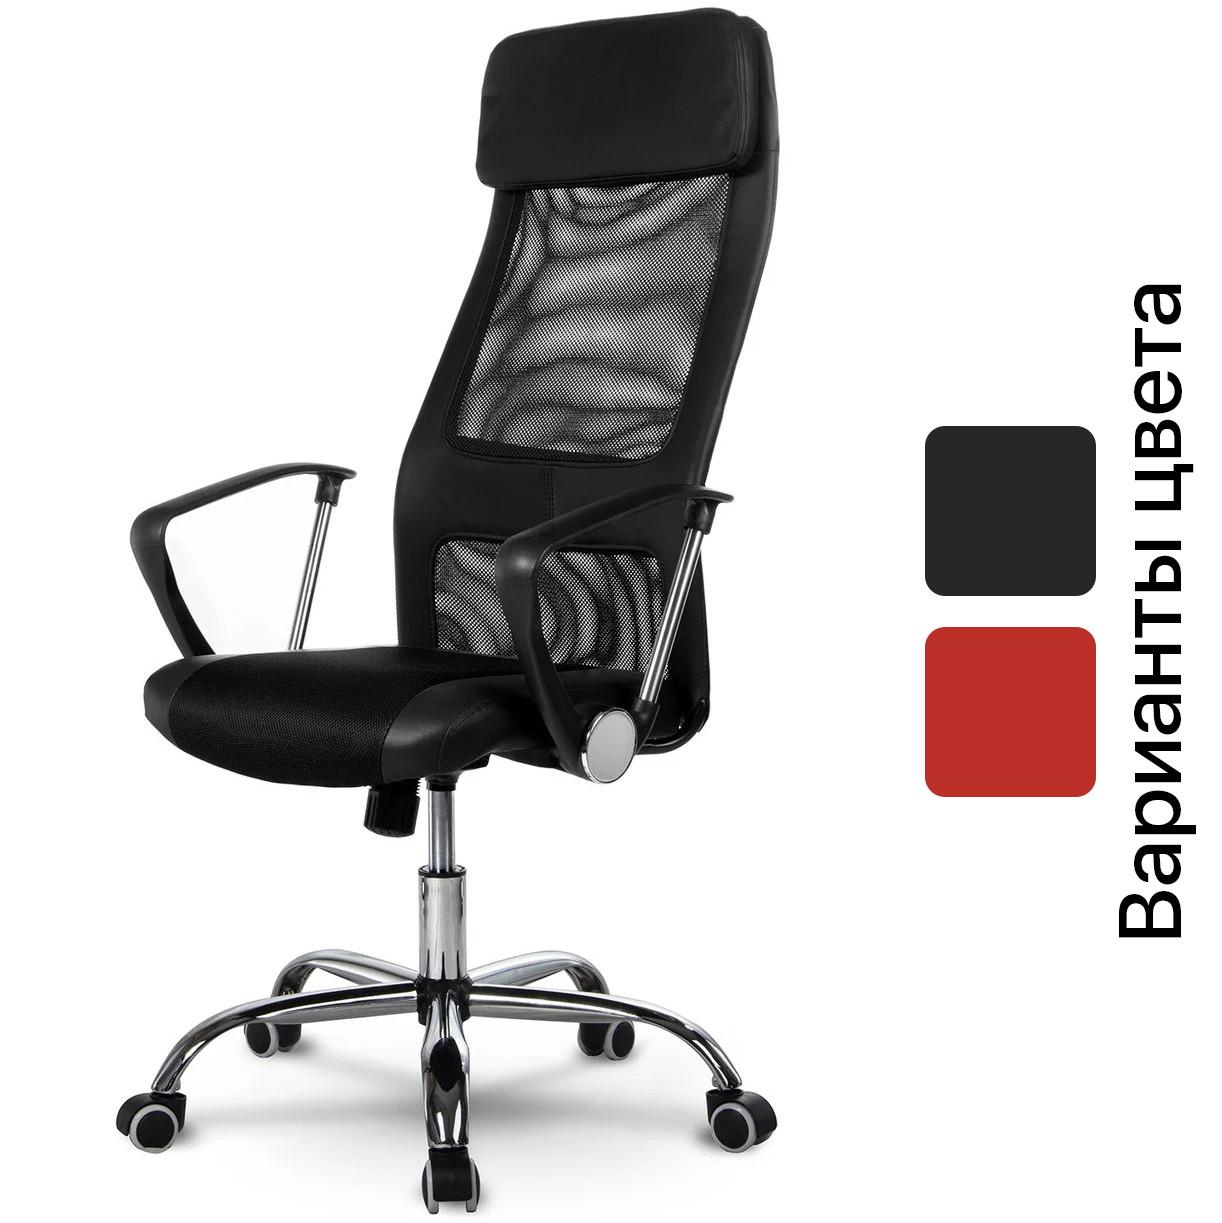 Крісло офісне комп'ютерне з мікросітки Sofotel Rio робоче для комп'ютера офісу дому